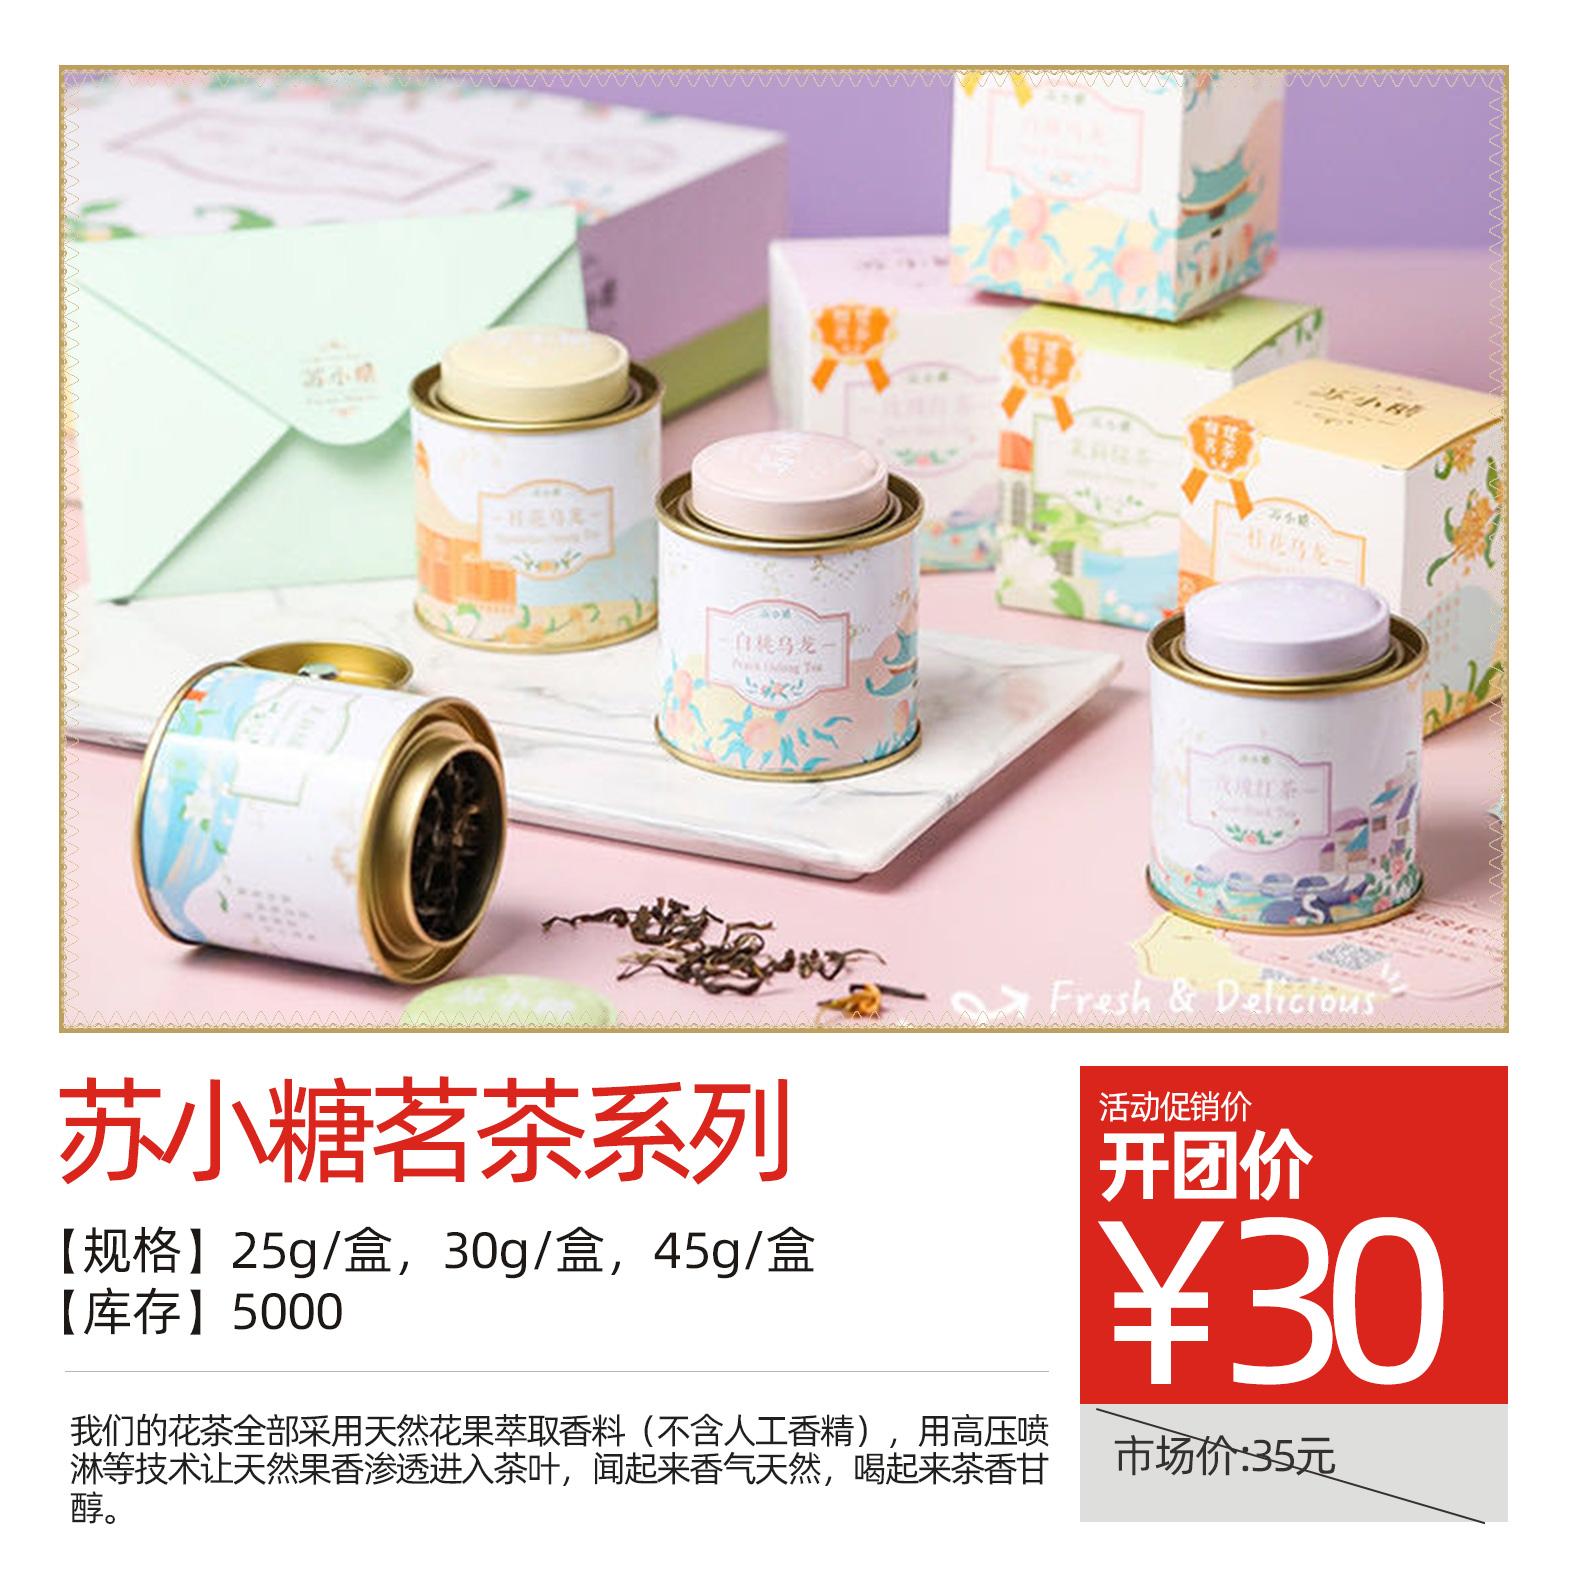 苏小糖茗茶系列